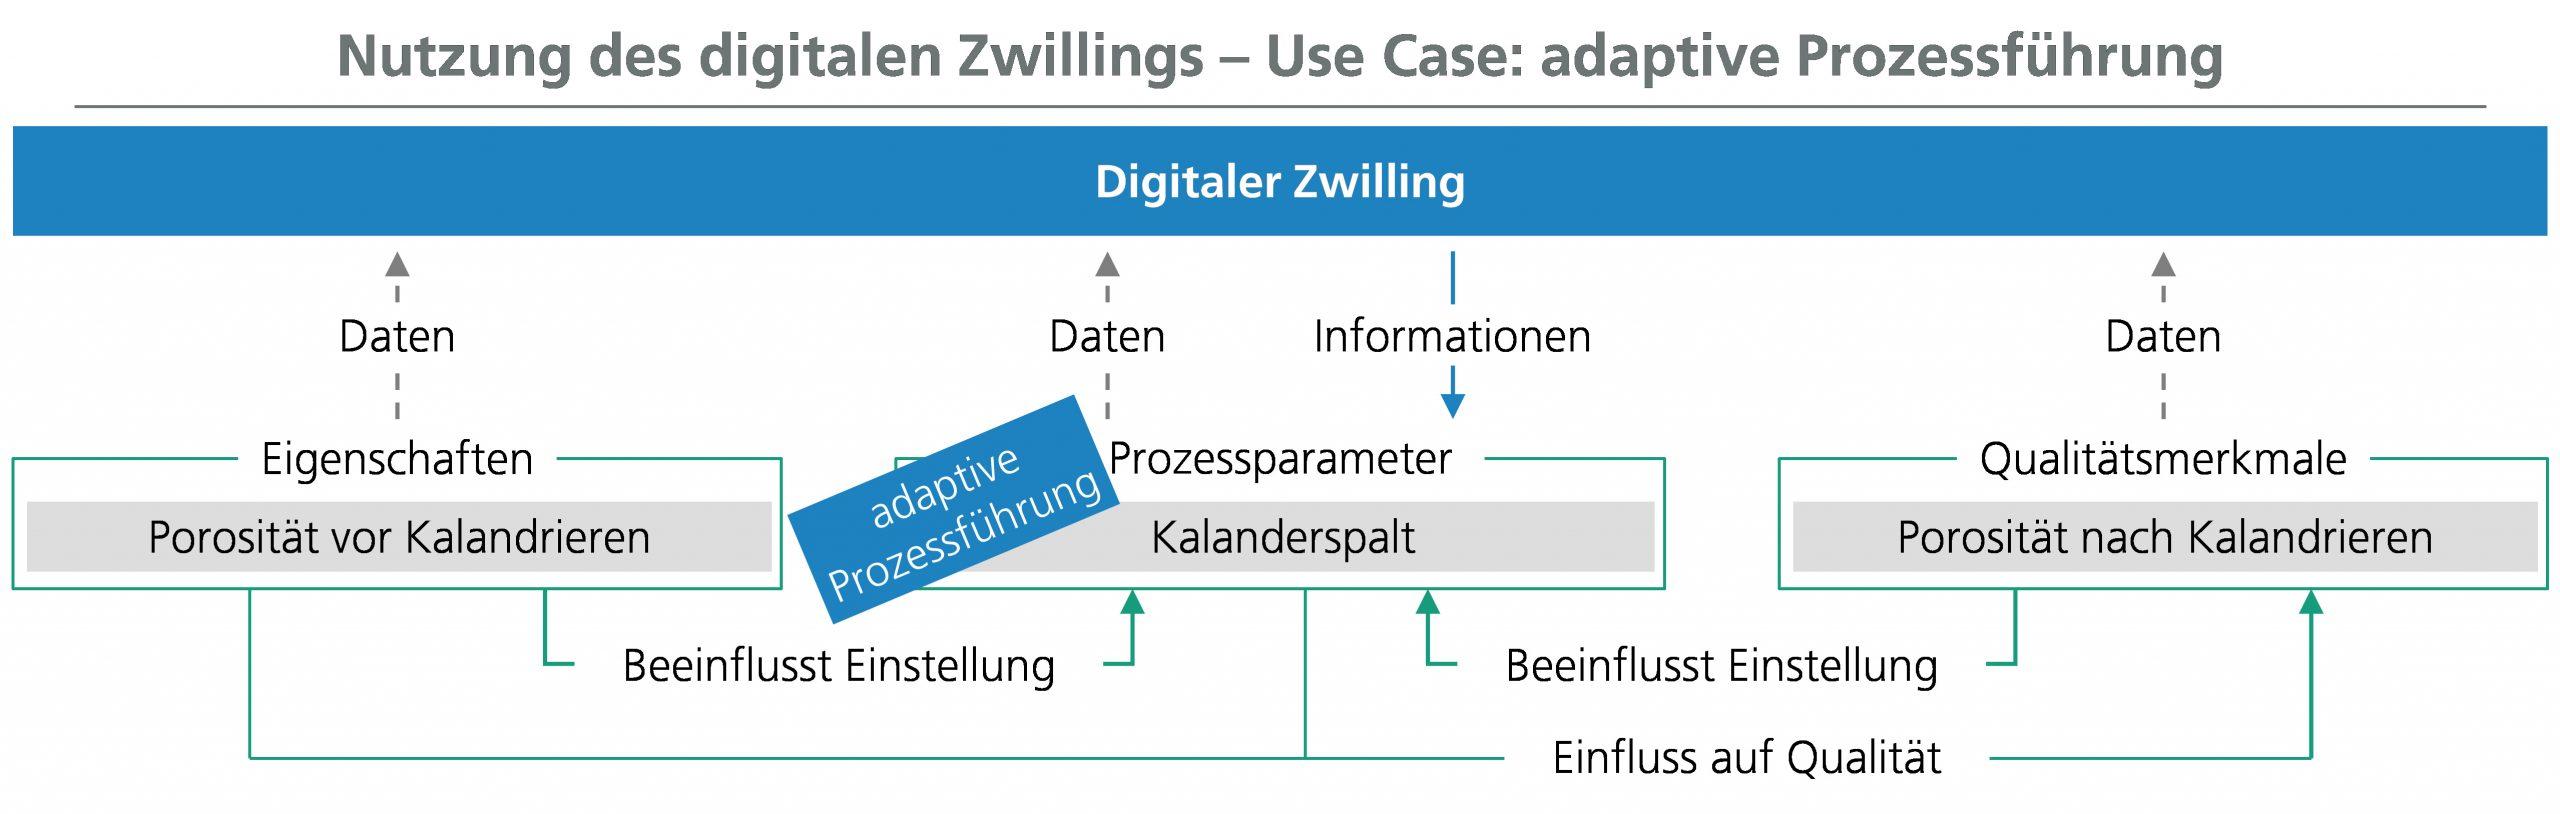 Der digitale Zwilling kann in Use Cases von deskriptiver bis hin zu präskriptiver Analytik realisiert werden.(Bild: Fraunhofer-Institut für Produktionstechnologie IPT)